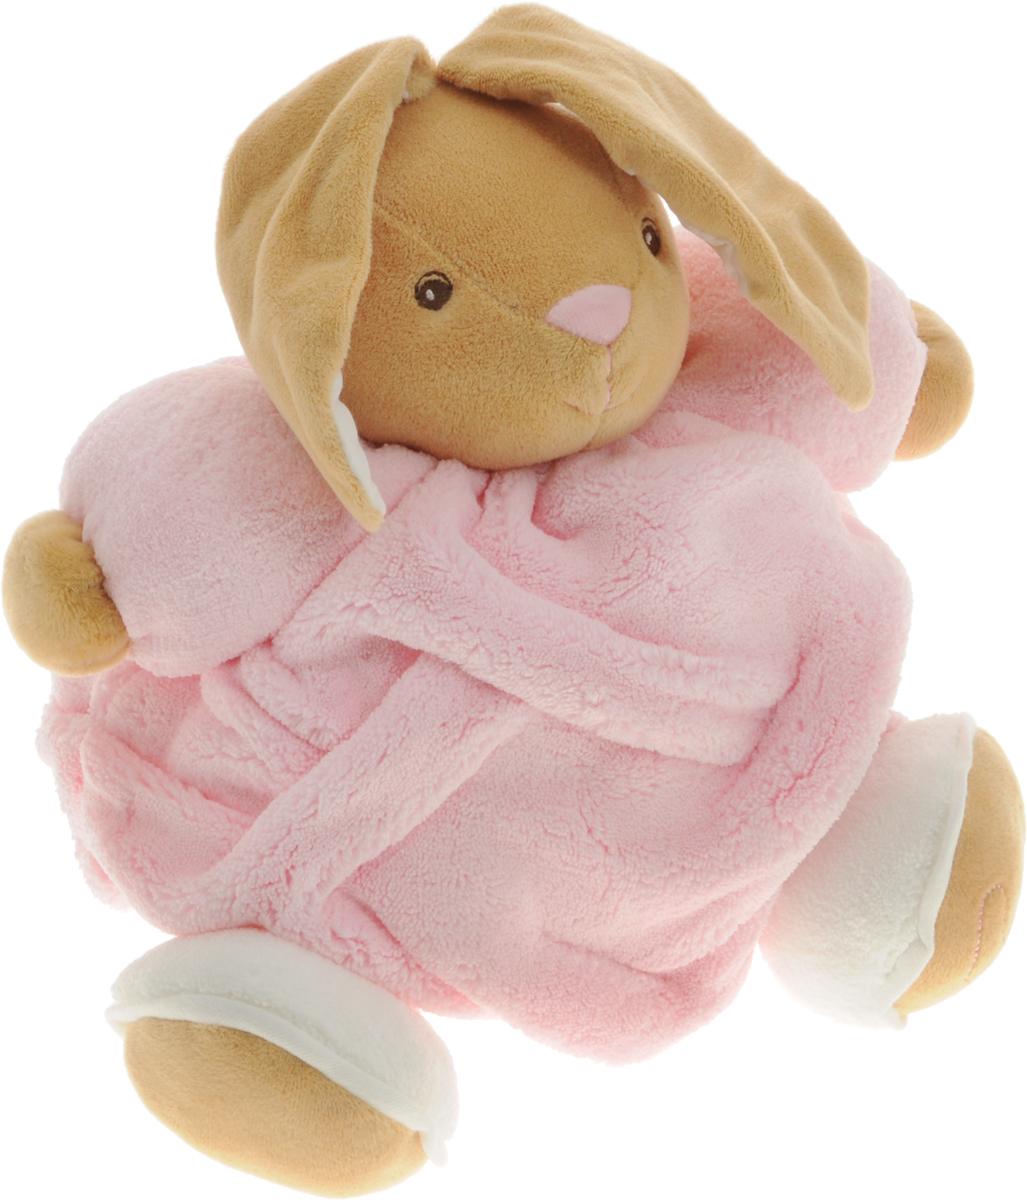 Kaloo Мягкая игрушка Заяц цвет светло-розовый 18 смK962304Очаровательная мягкая игрушка Kaloo Заяц привлечет внимание малыша и надолго станет его постоянным спутником и любимой игрушкой. Игрушка в виде милого зайчика выполнена из качественных и безопасных для здоровья детей материалов, которые не вызывают аллергии, приятны на ощупь и доставляют большое удовольствие во время игр. Изделие приятно держать в руках и прижимать к себе. Игры с мягкими игрушками развивают тактильную чувствительность и сенсорное восприятие. Все игрушки Kaloo прошли множественные тесты и соответствуют мировым стандартам безопасности. Именно поэтому игрушки рекомендованы для детей с рождения, что отличает их от большинства производителей мягких игрушек.